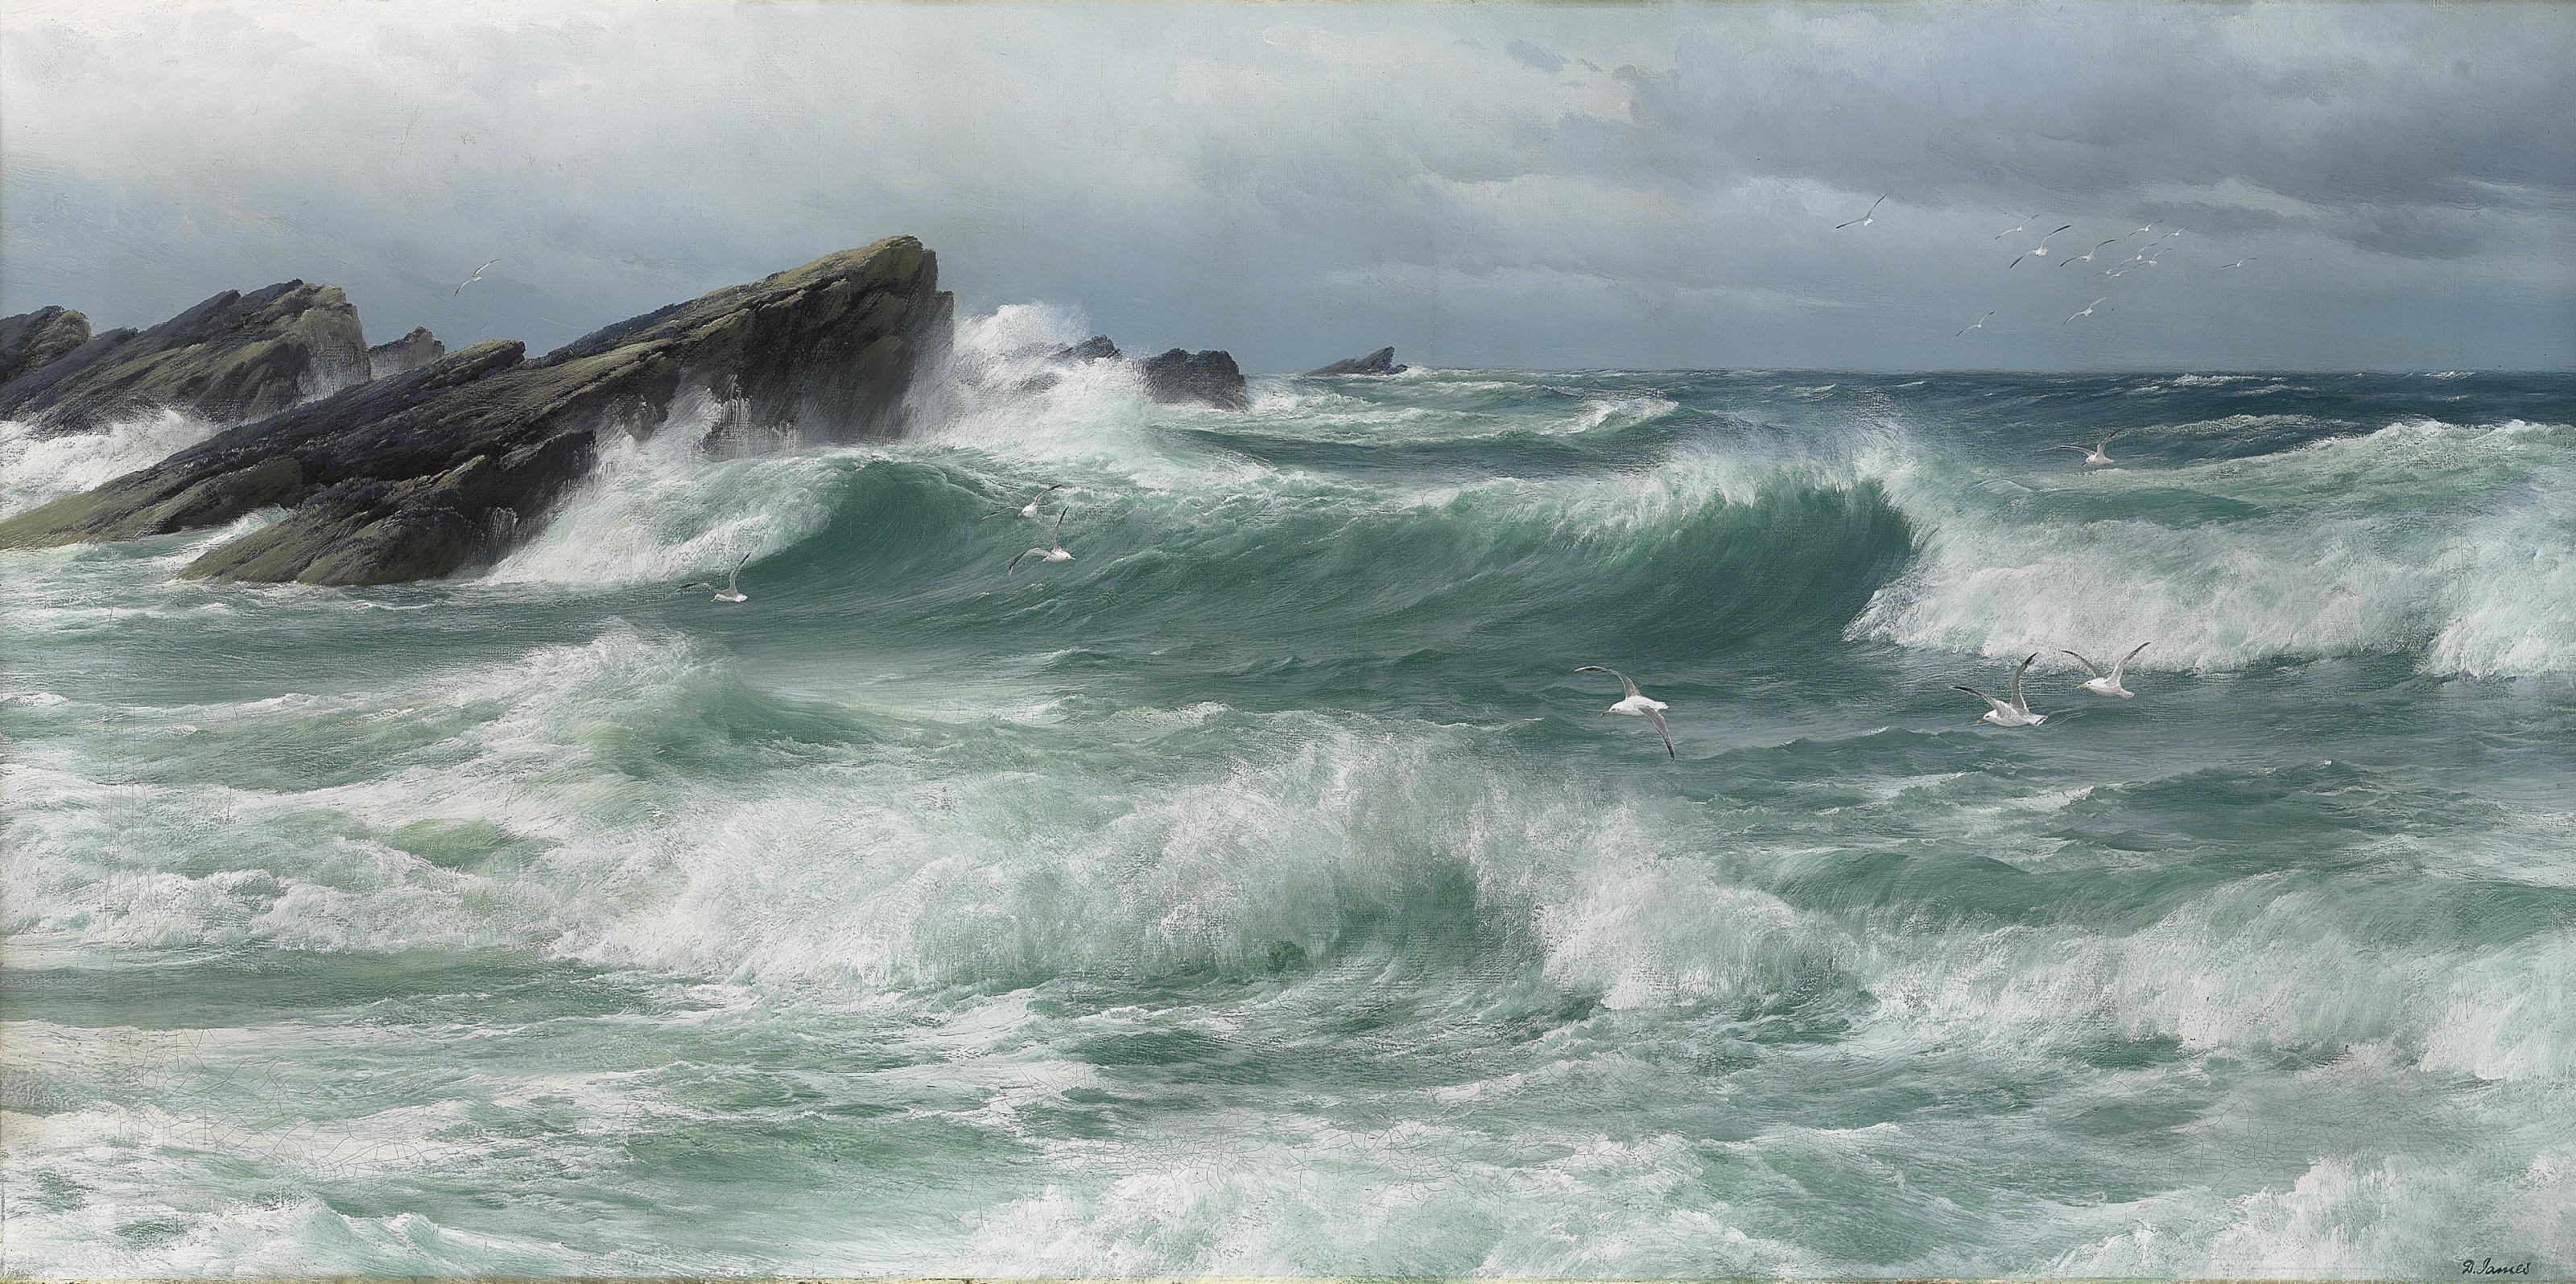 Waves breaking on a rocky coast